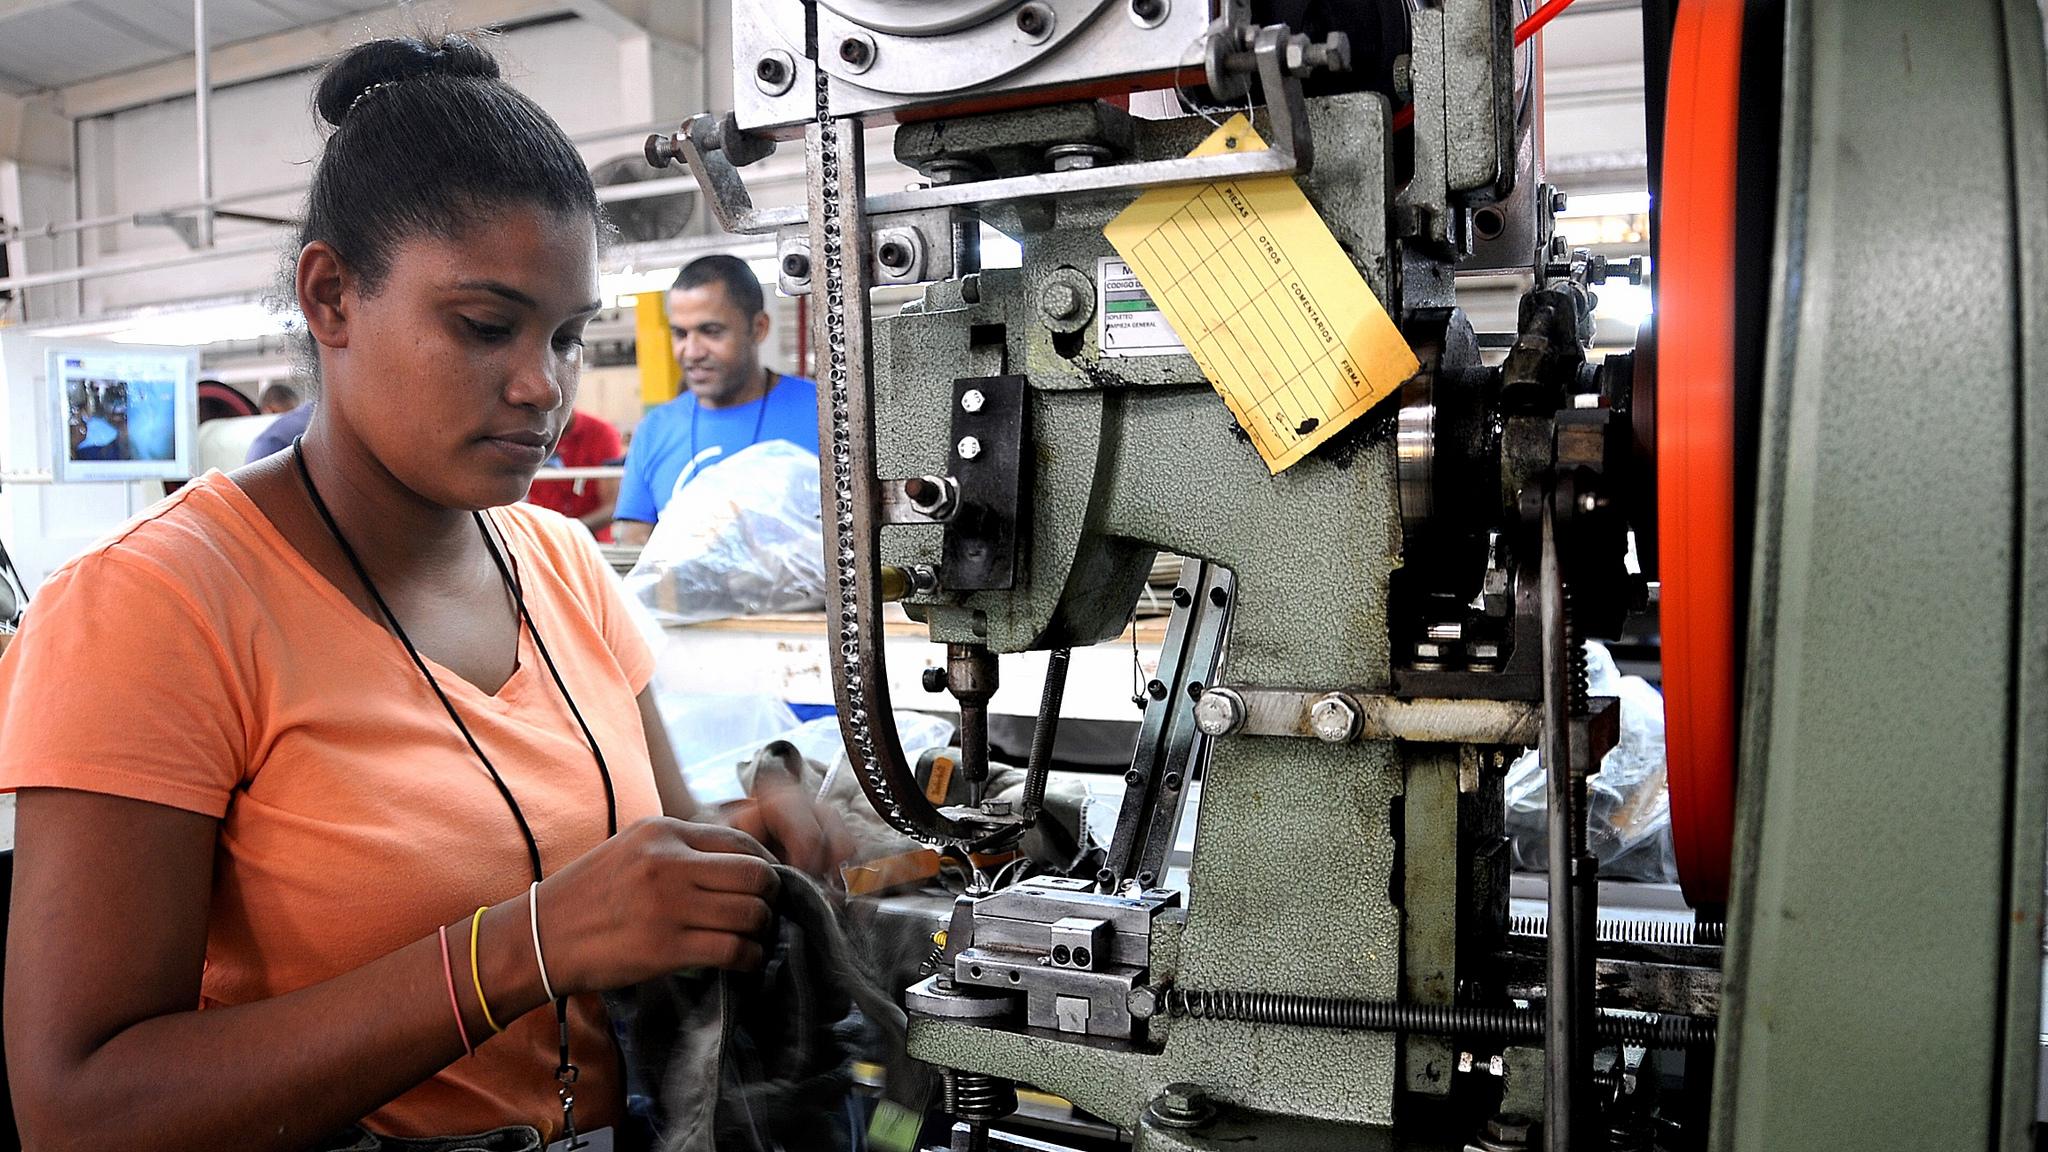 El desempleo castiga con mayor fuerza a los jóvenes. | elDinero